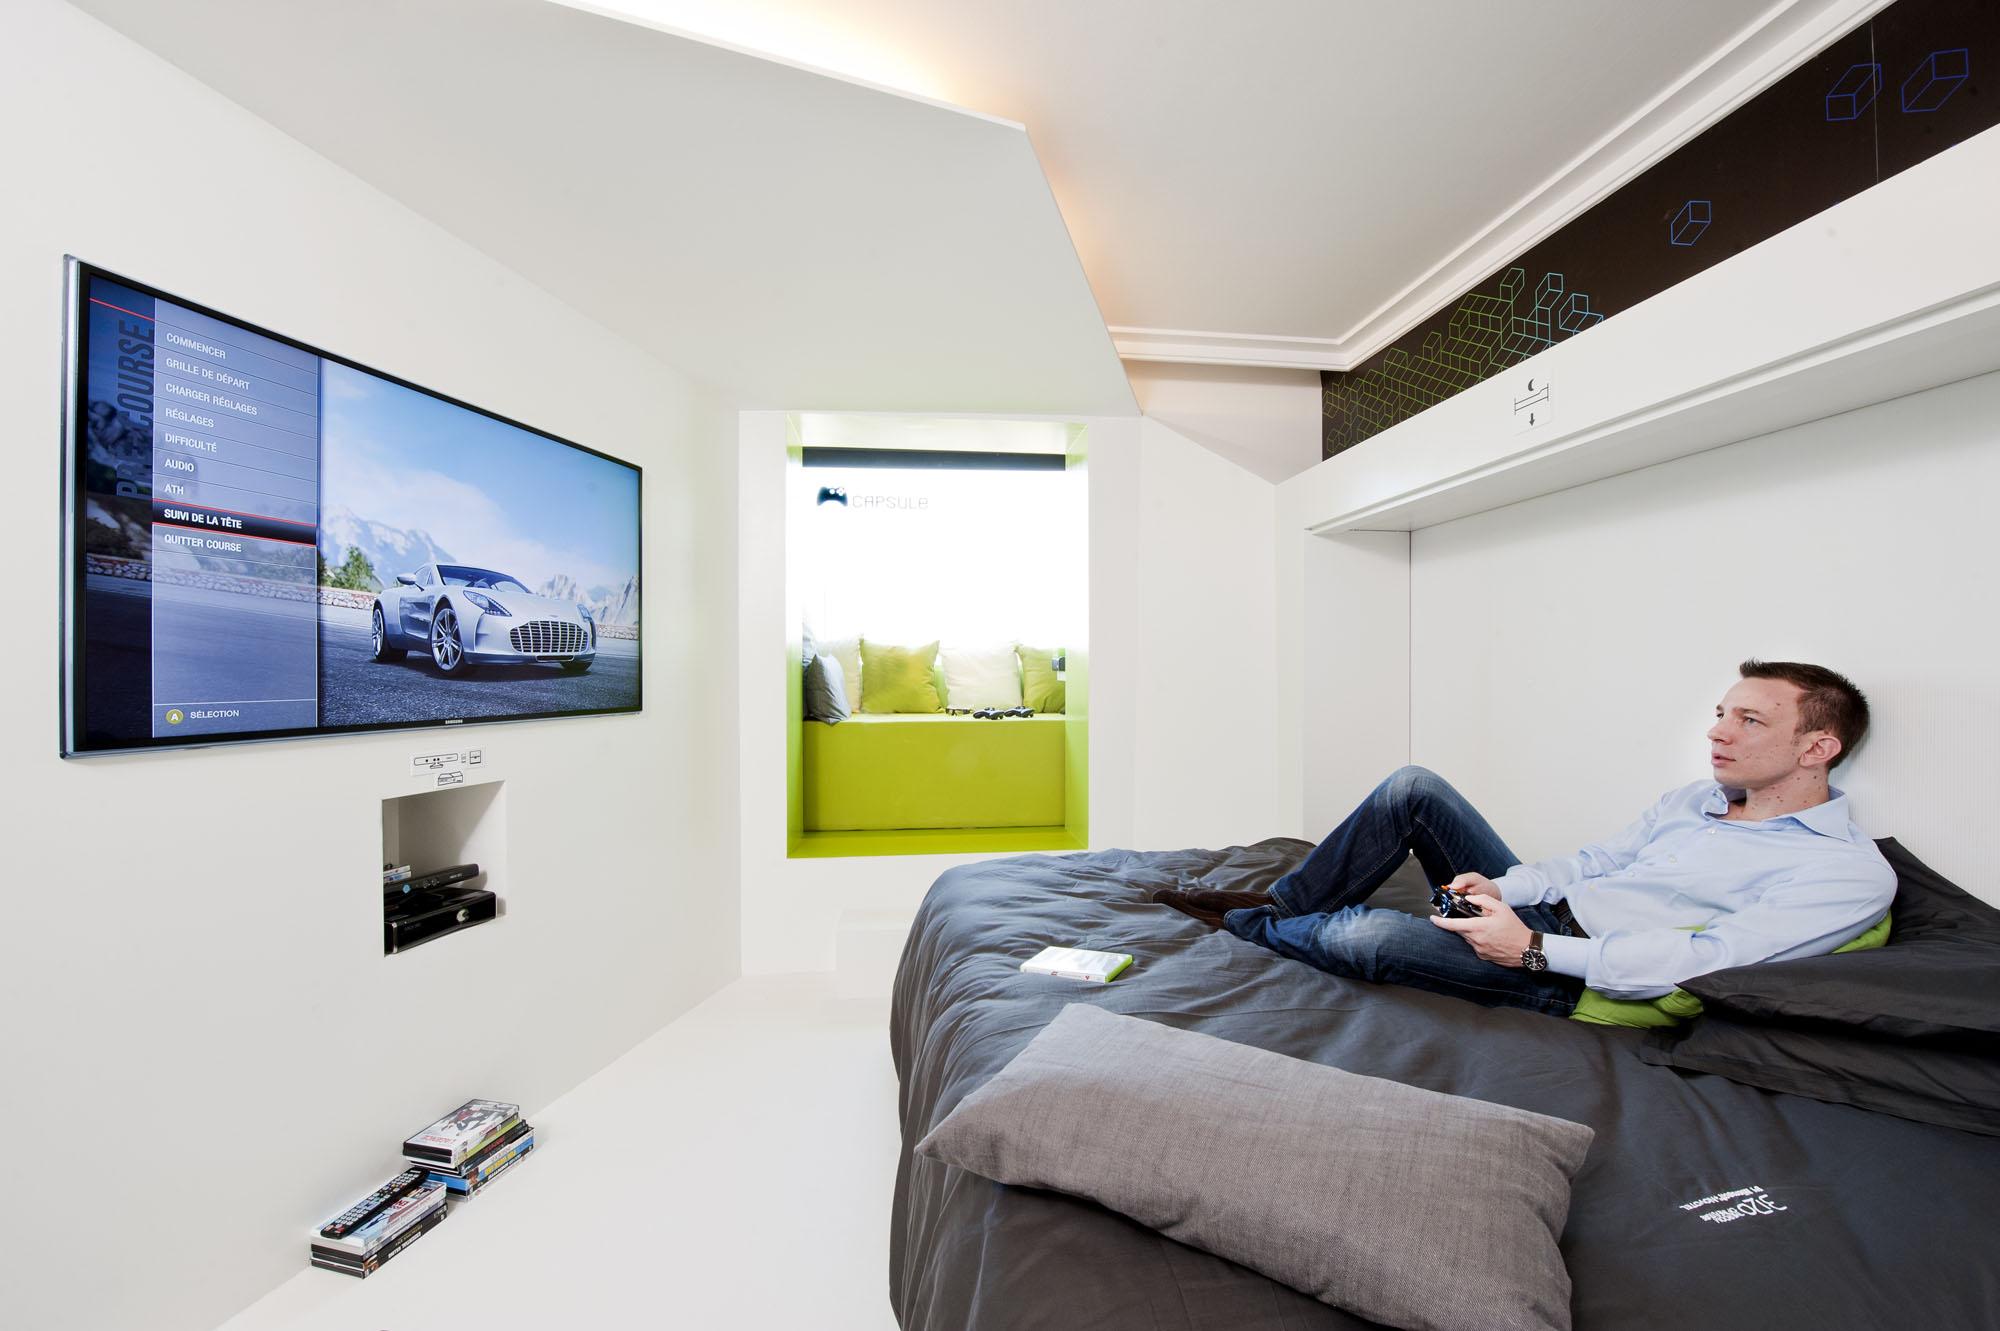 la chambre geek du futur par novotel accor et microsoft voyage insolite. Black Bedroom Furniture Sets. Home Design Ideas